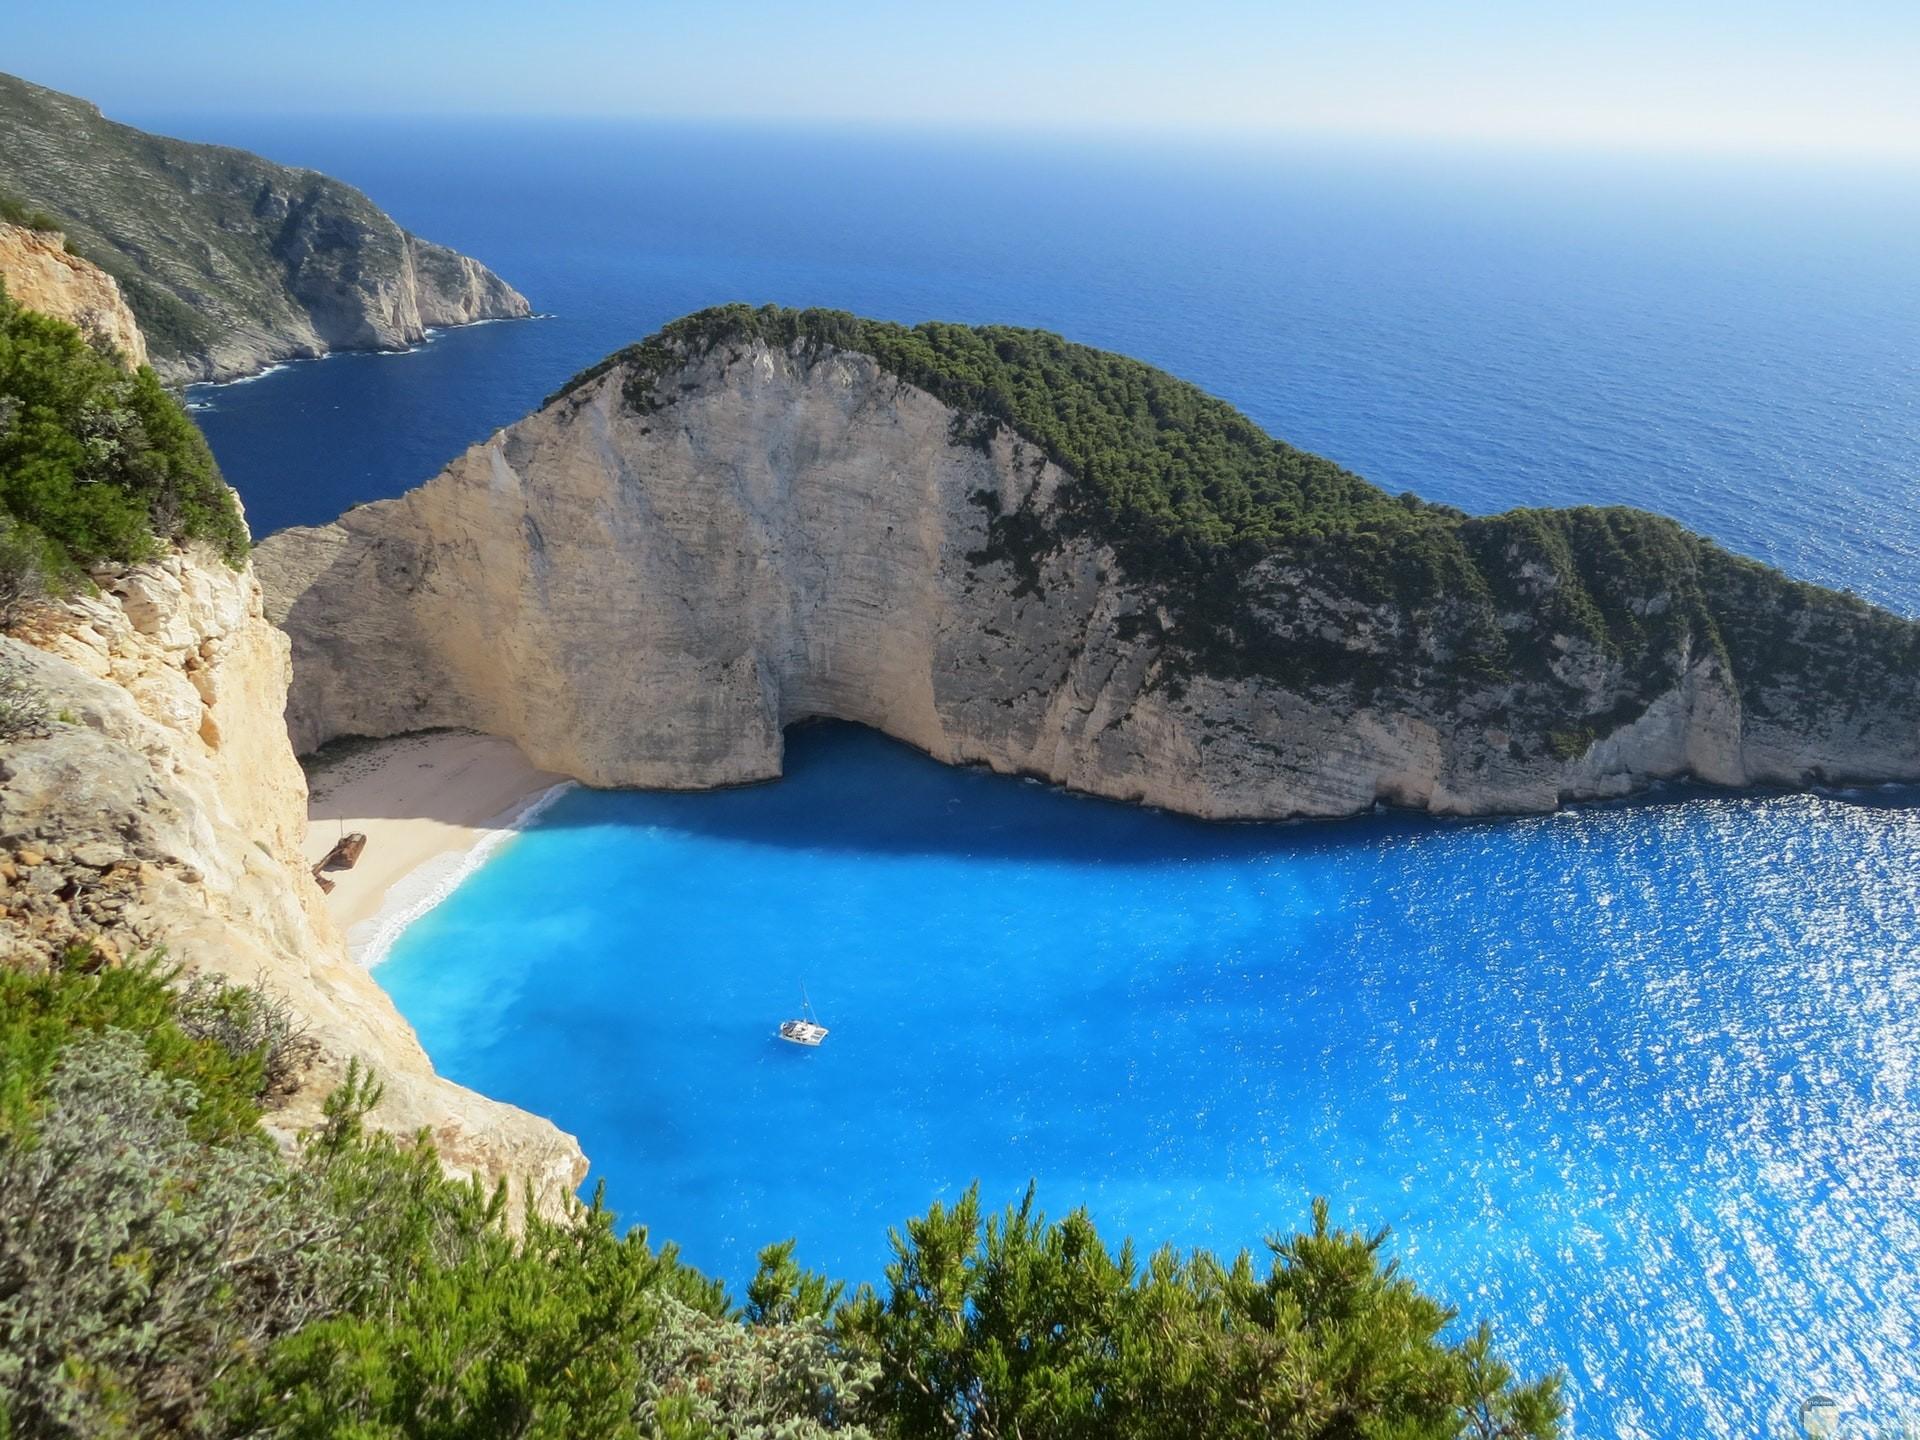 صورة جميلة للبحر الصافي يحاوطة الجبال الساحرة